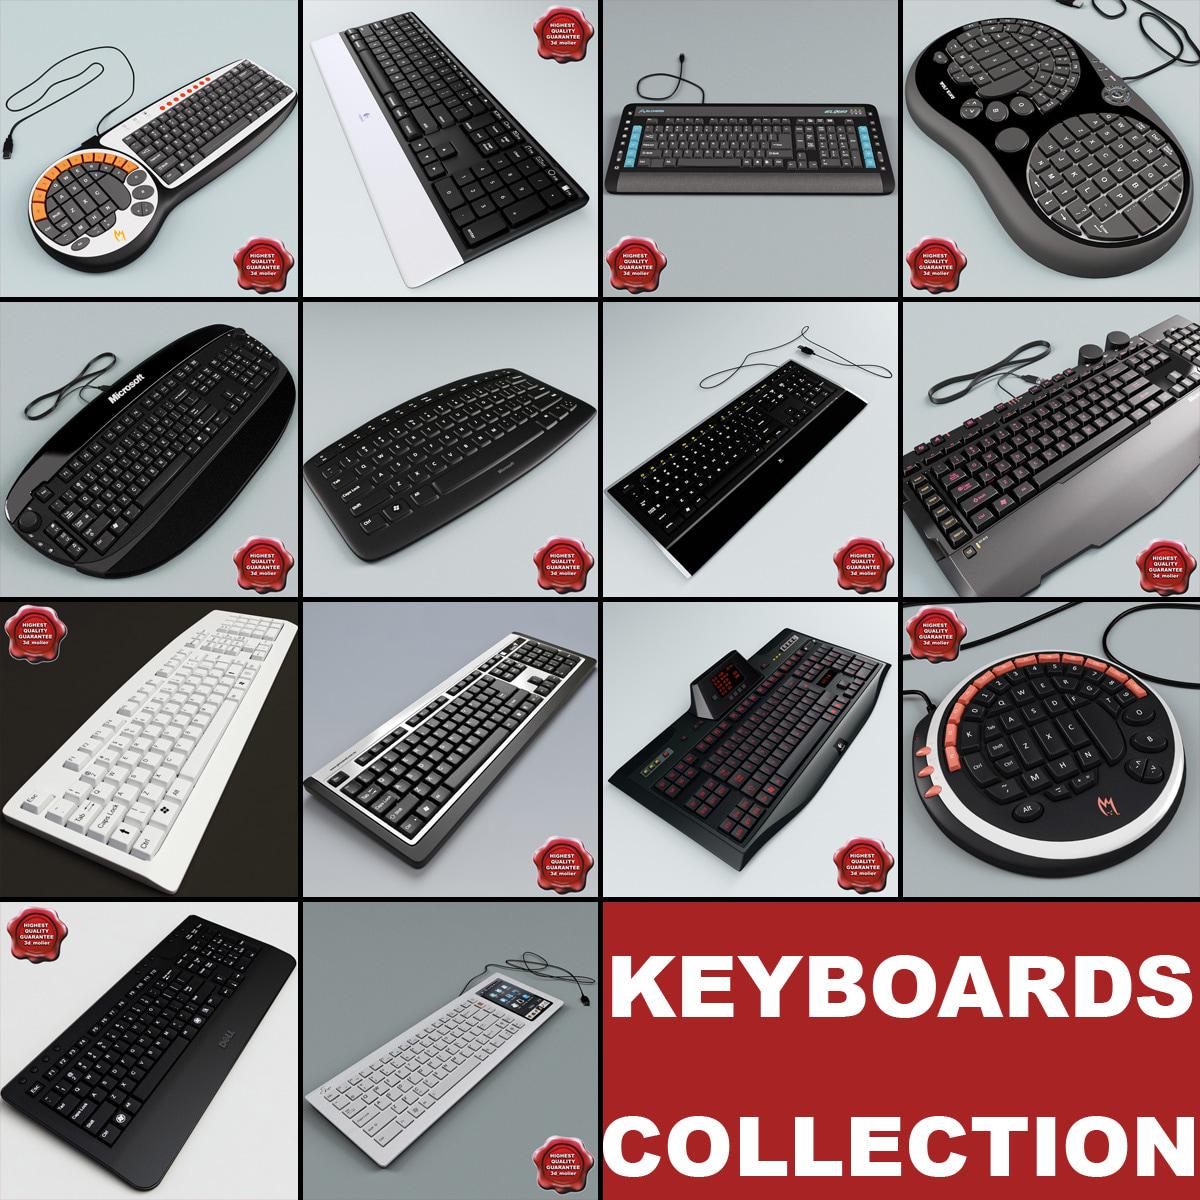 Keyboards_Collection_V7_00.jpg